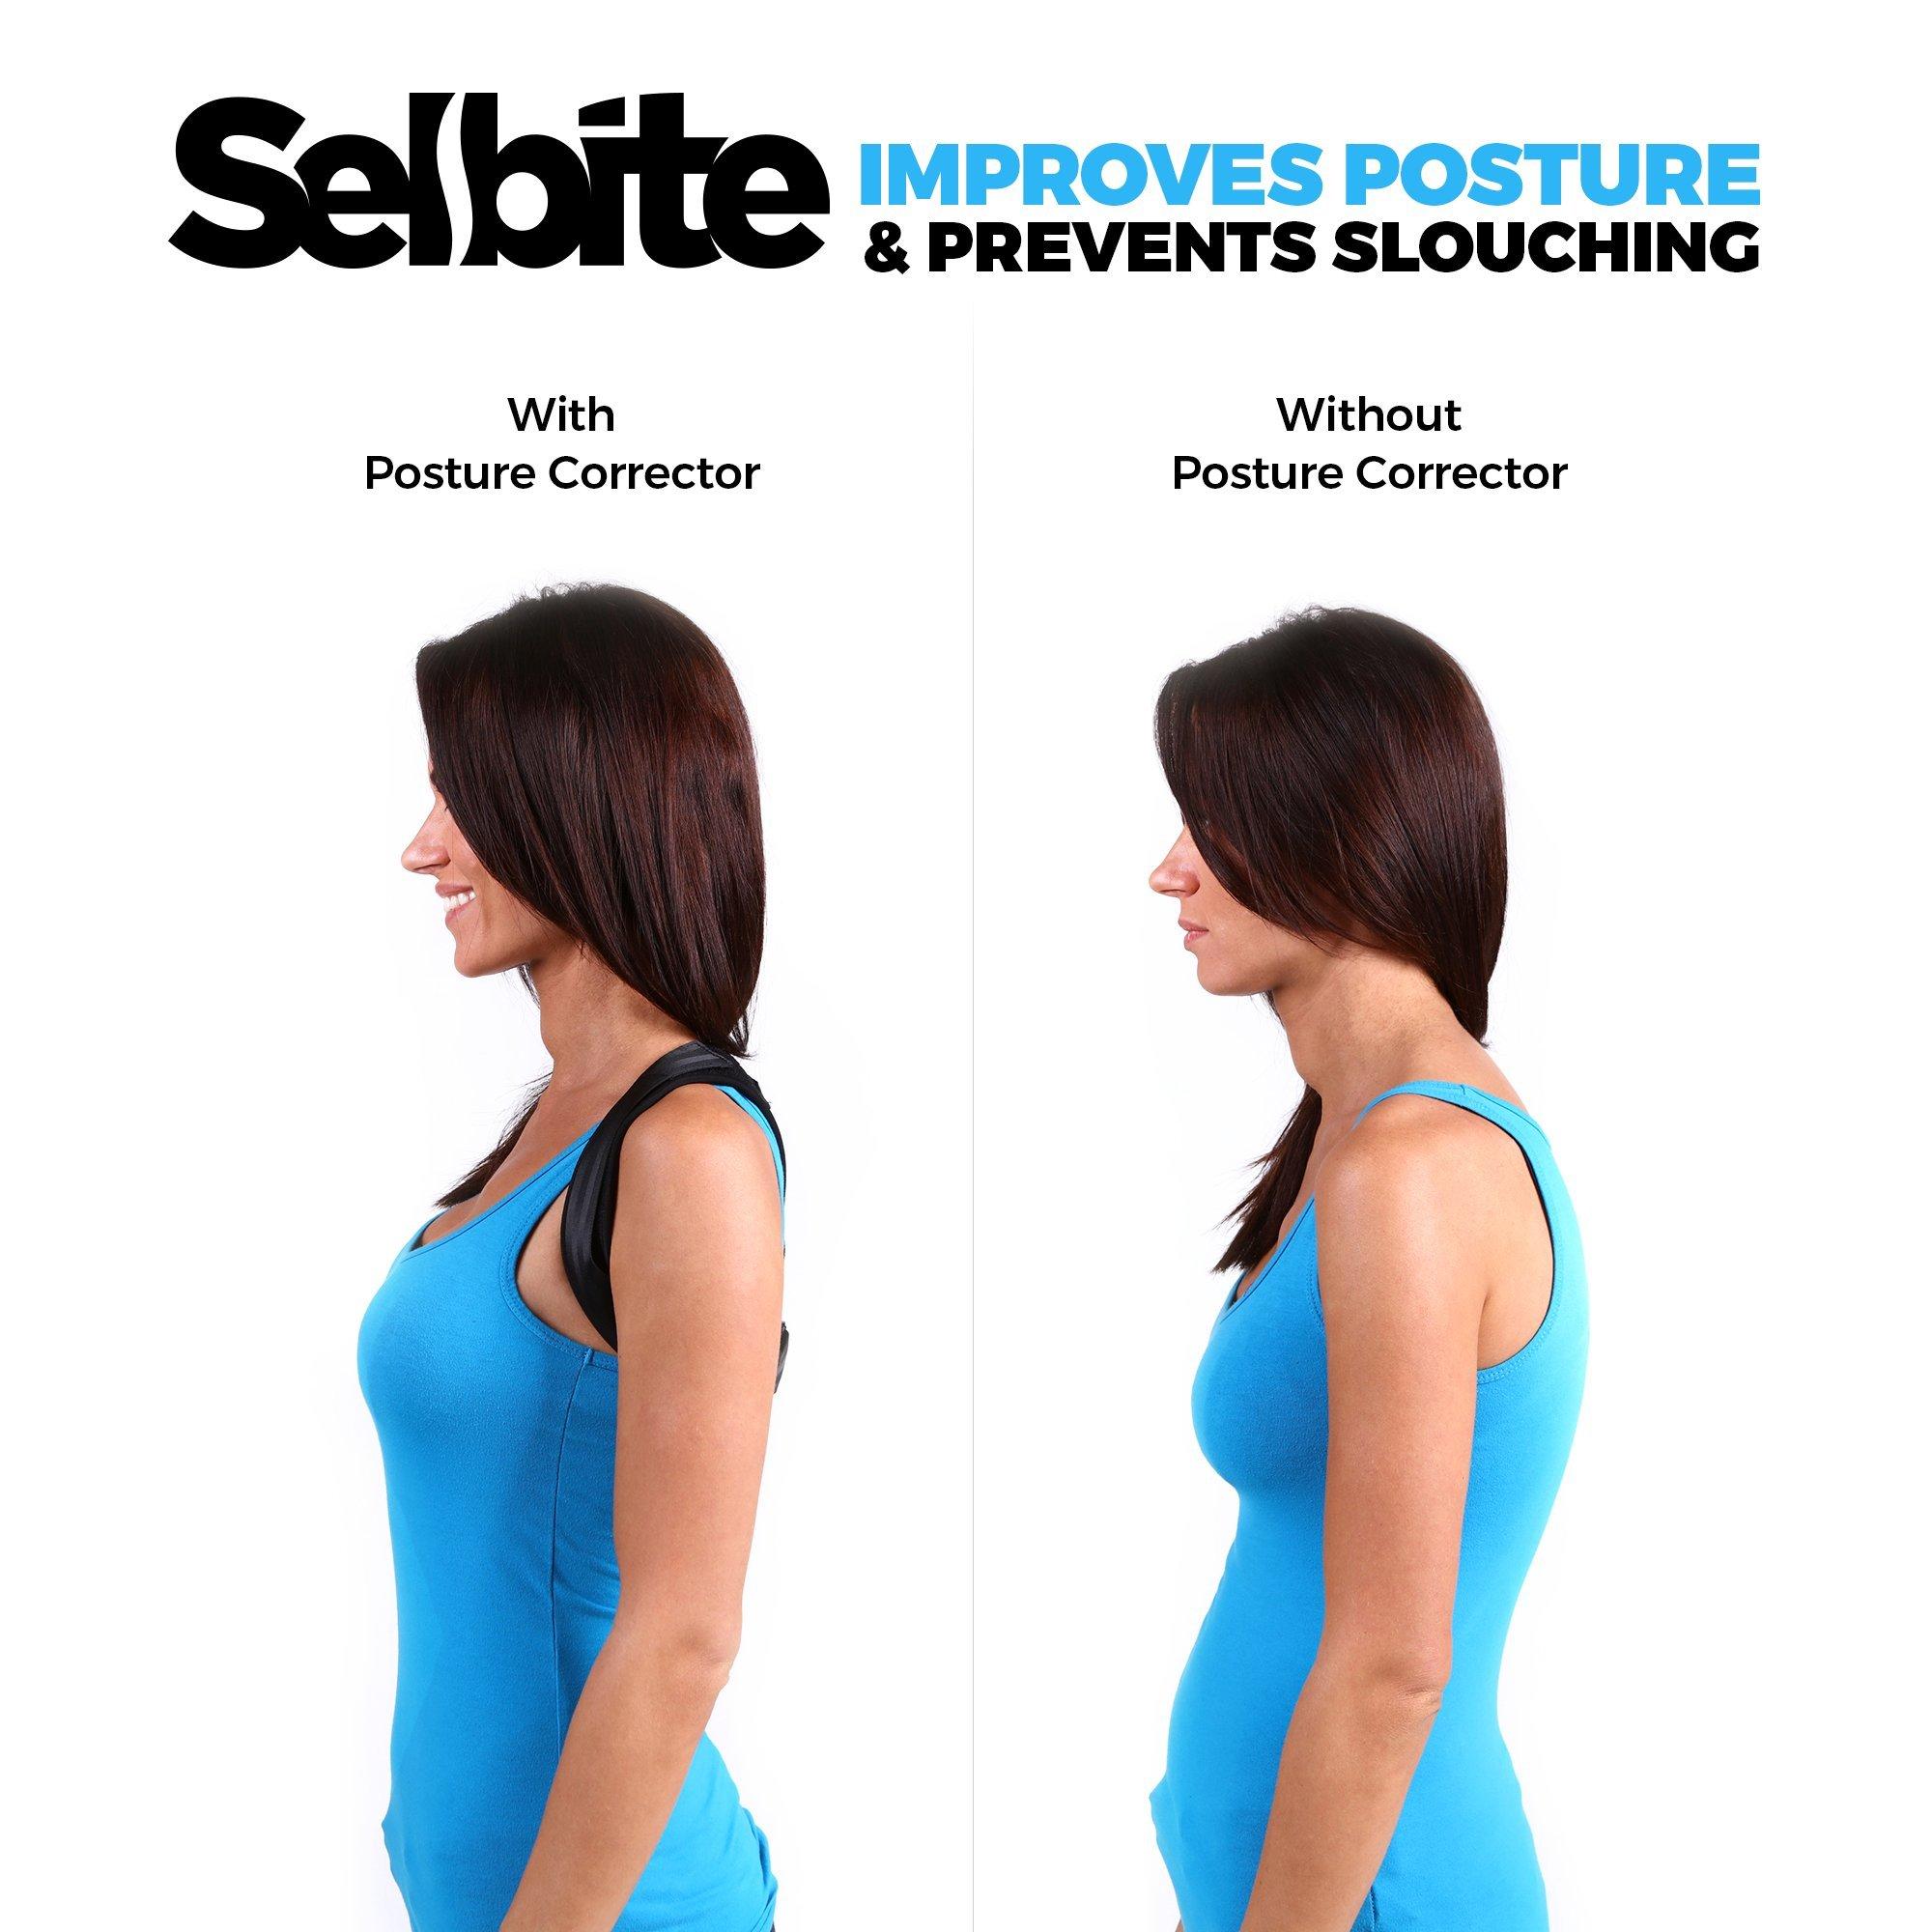 Back Posture Corrector for Men Women - Effective Posture Corrector Upper Back Straightener - Adjustable Posture Brace - Back Brace - Lightweight and Comfortable for Improving Posture by Selbite (Image #1)